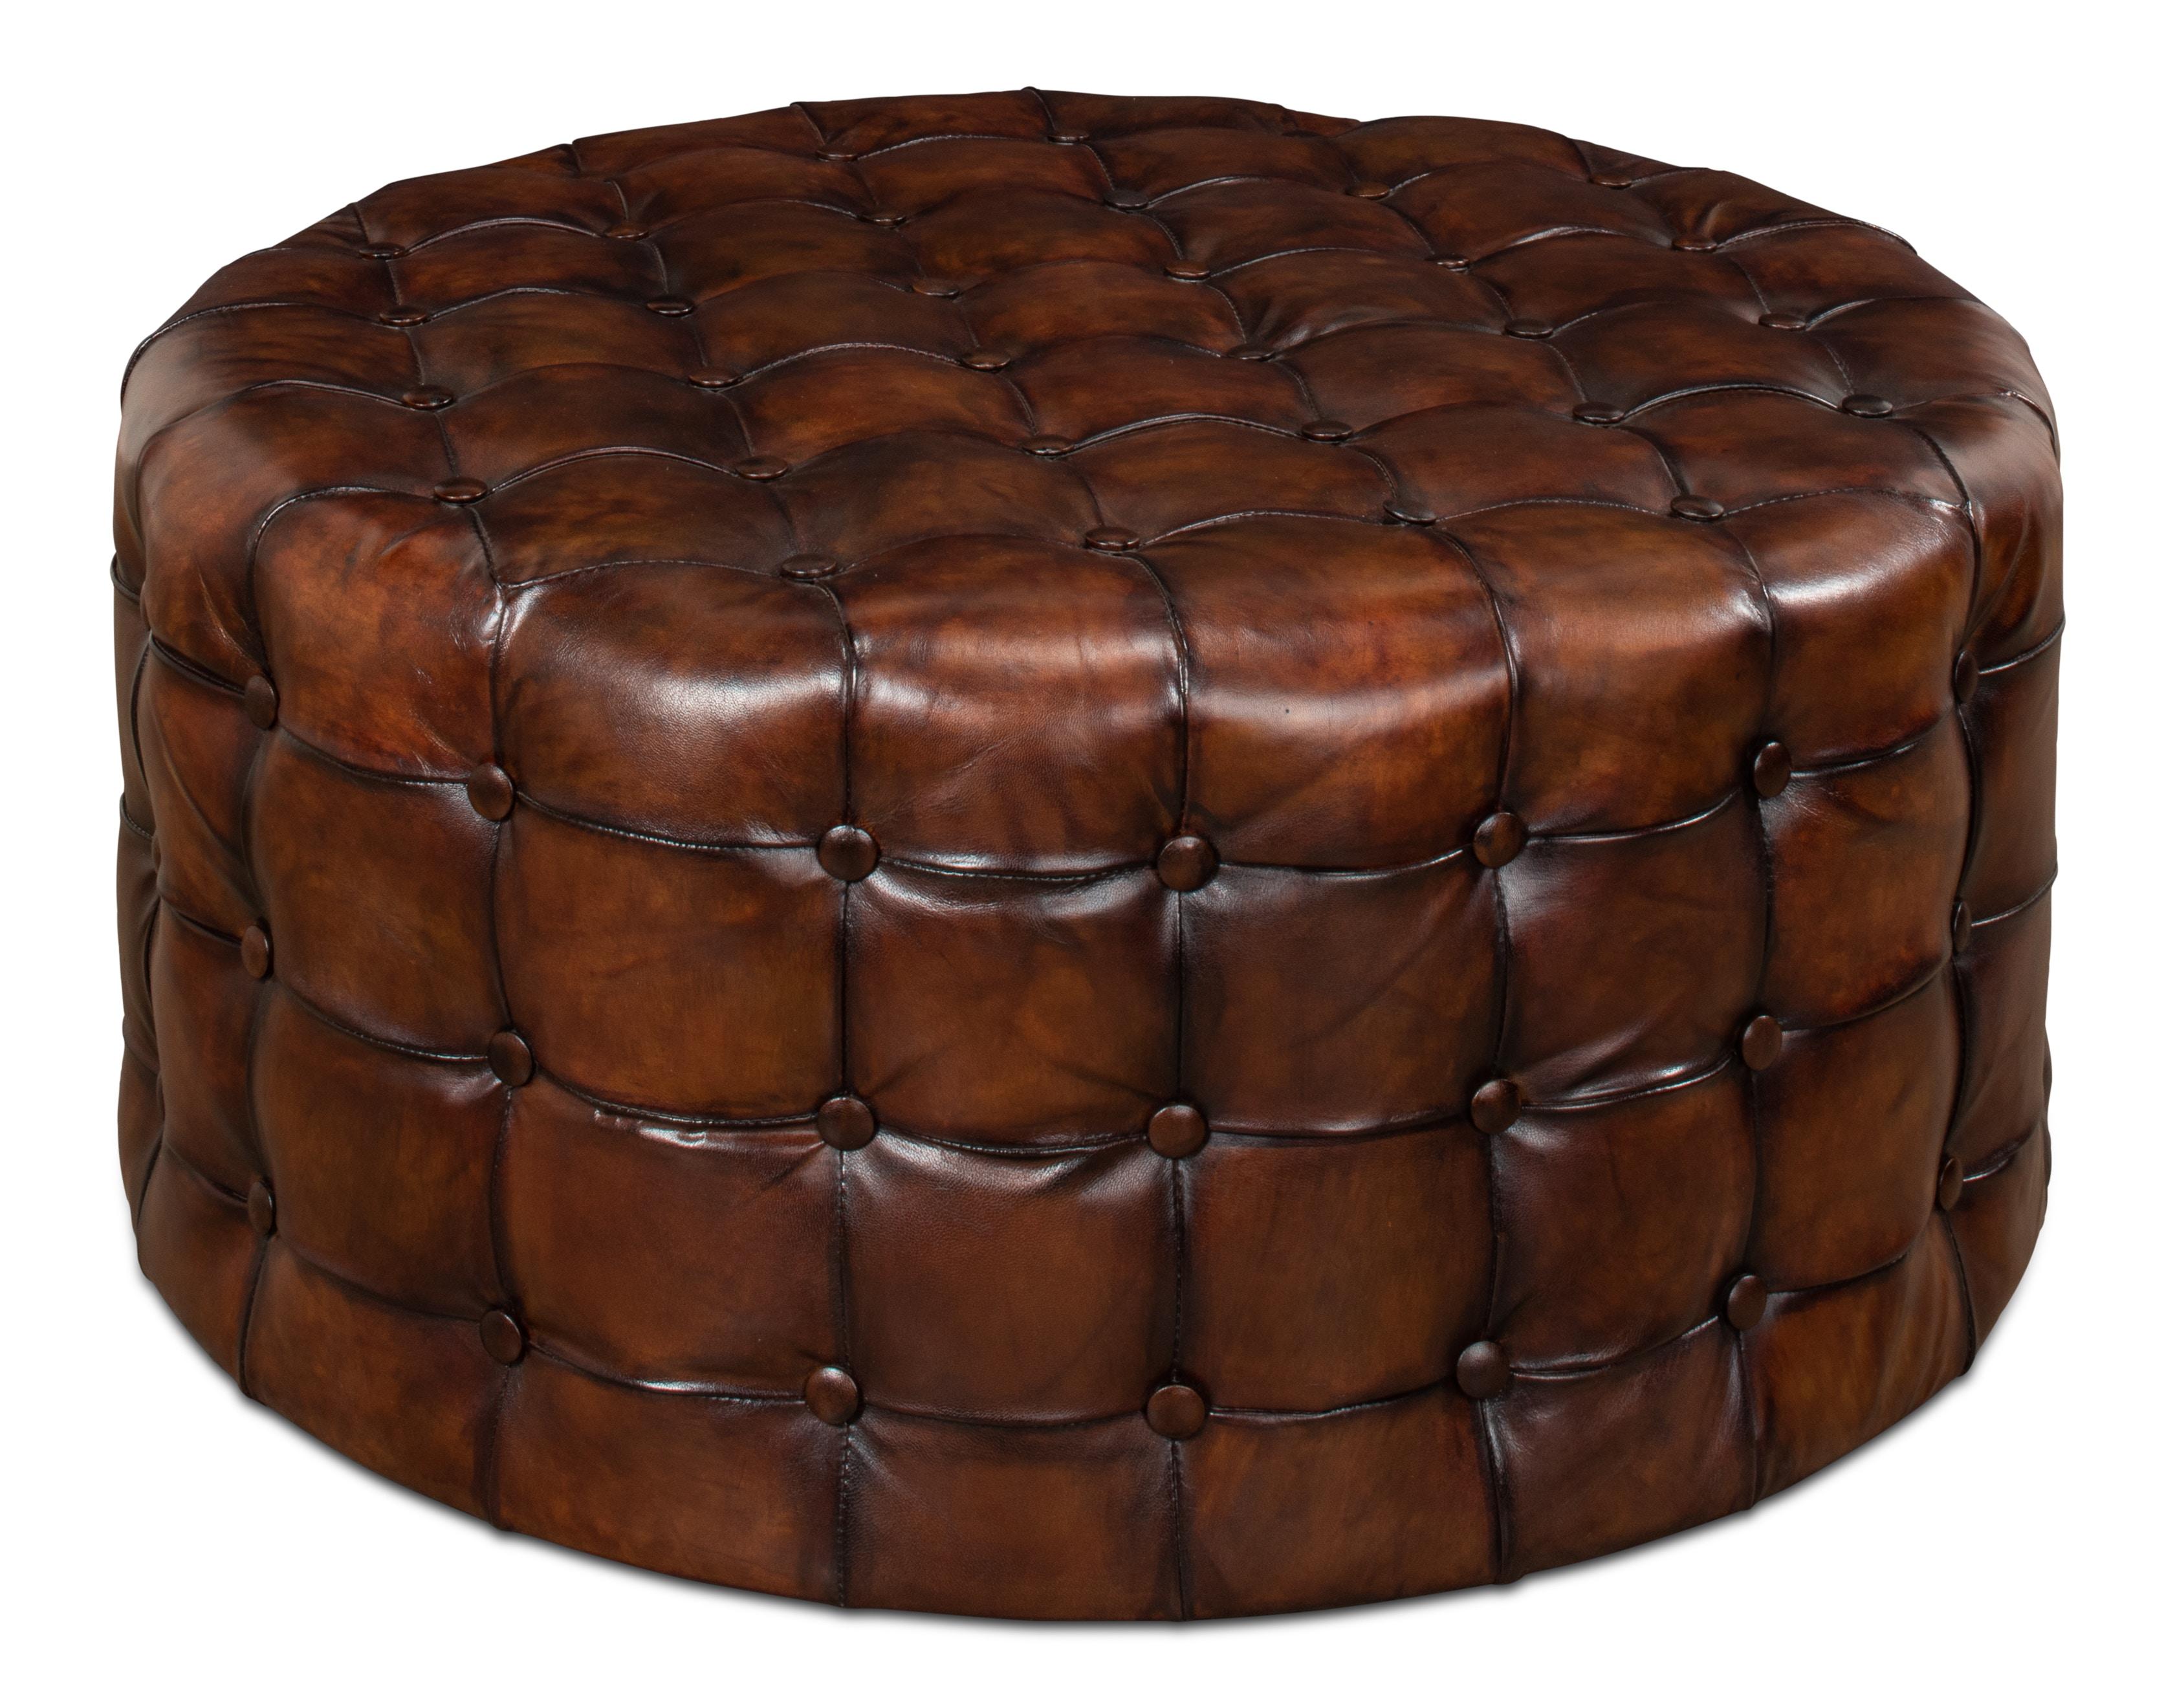 The sarreid living room leather